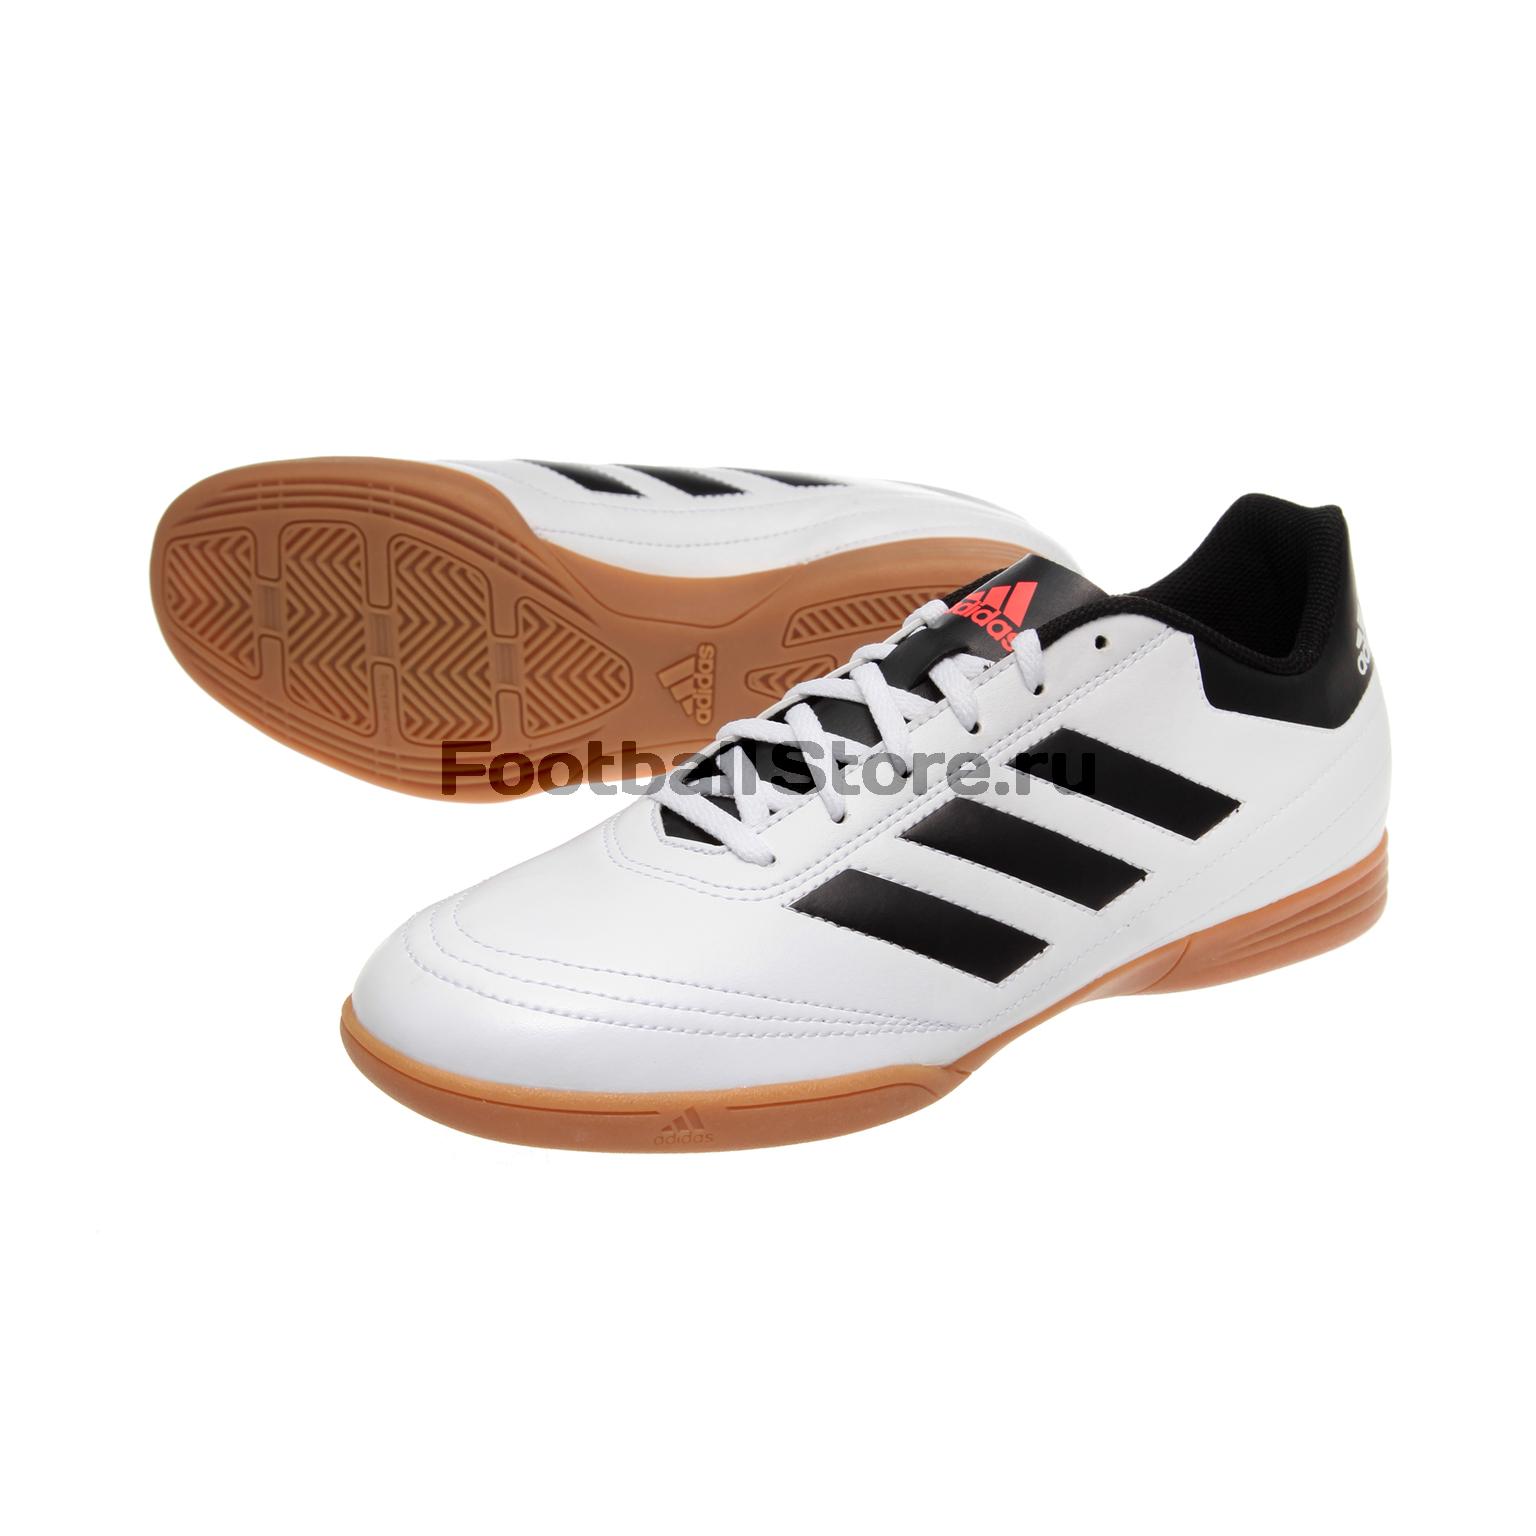 Обувь для зала Adidas Goletto VI IN AQ4292 стоимость